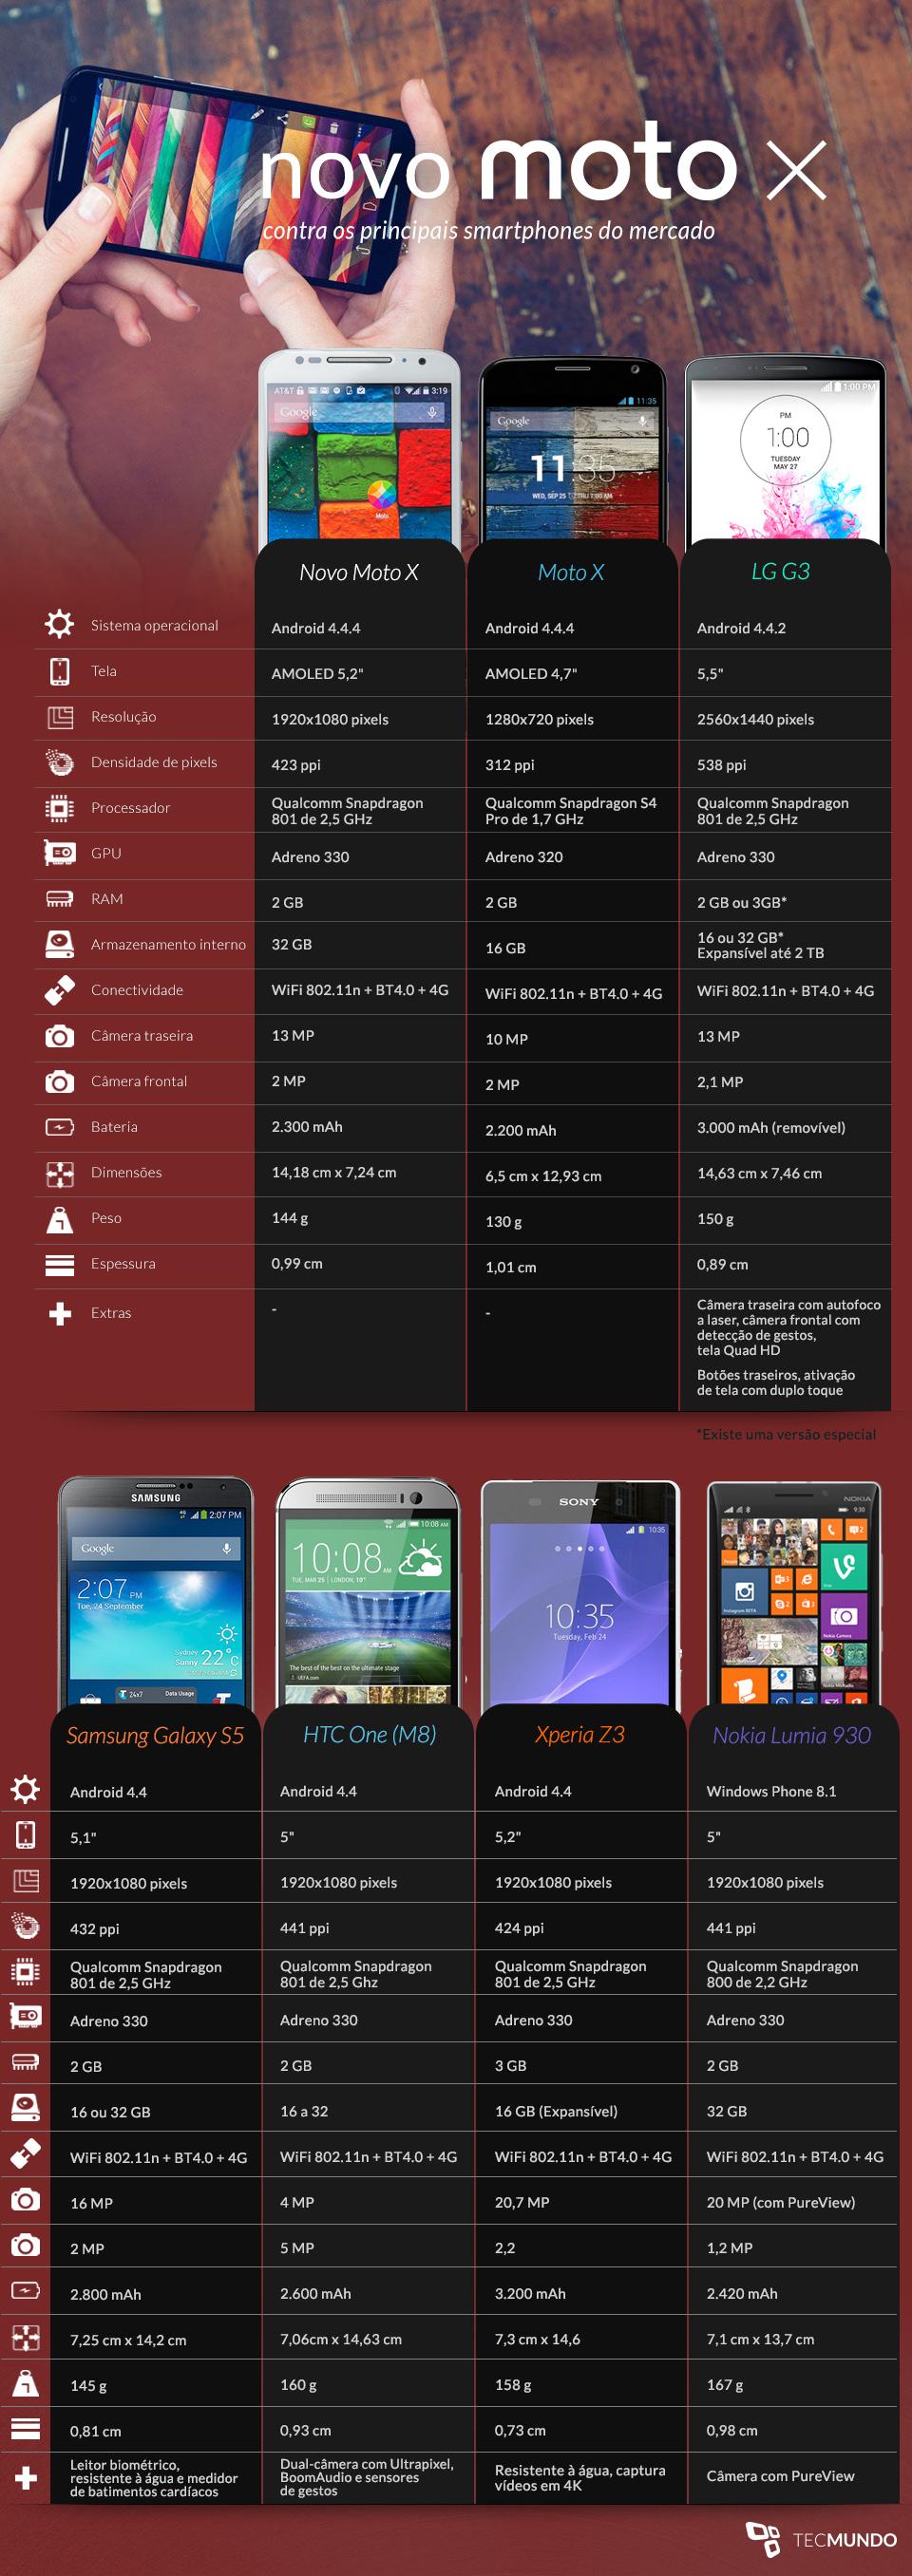 Comparação: Novo Moto X contra os principais smartphones do mercado